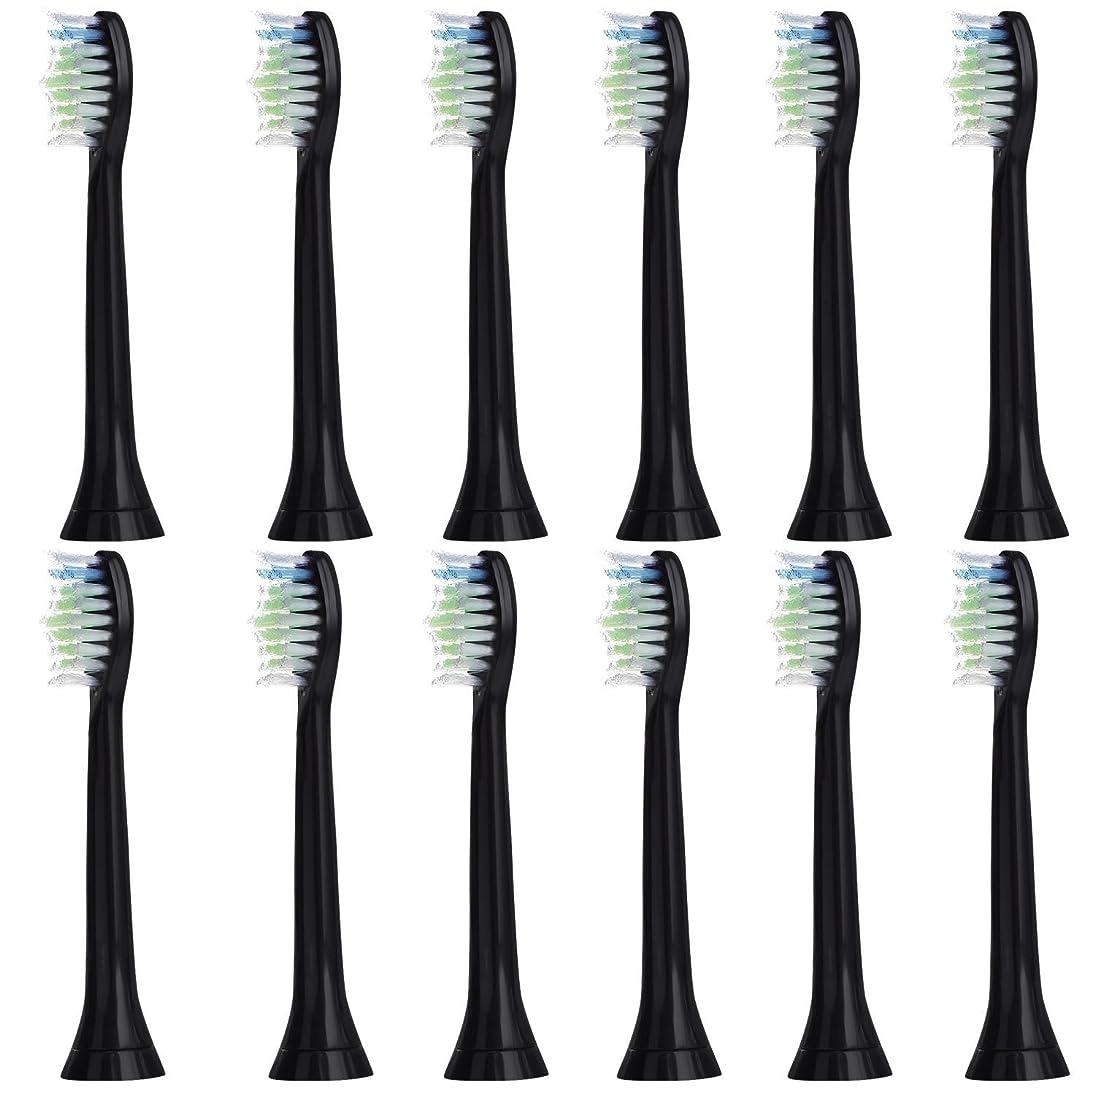 パブ遮る話す12個セット (3x4) E-Cron? Philips ソニッケアーダイヤモンドクリーン ブラック替ブラシ。次のフィリップス電動歯ブラシのモデルとの完全互換性があります: DiamondClean、FlexCare、FlexCare Platinum、 FlexCare(+)、 HealthyWhite、2シリーズ、EasyClean およびPowerUp。